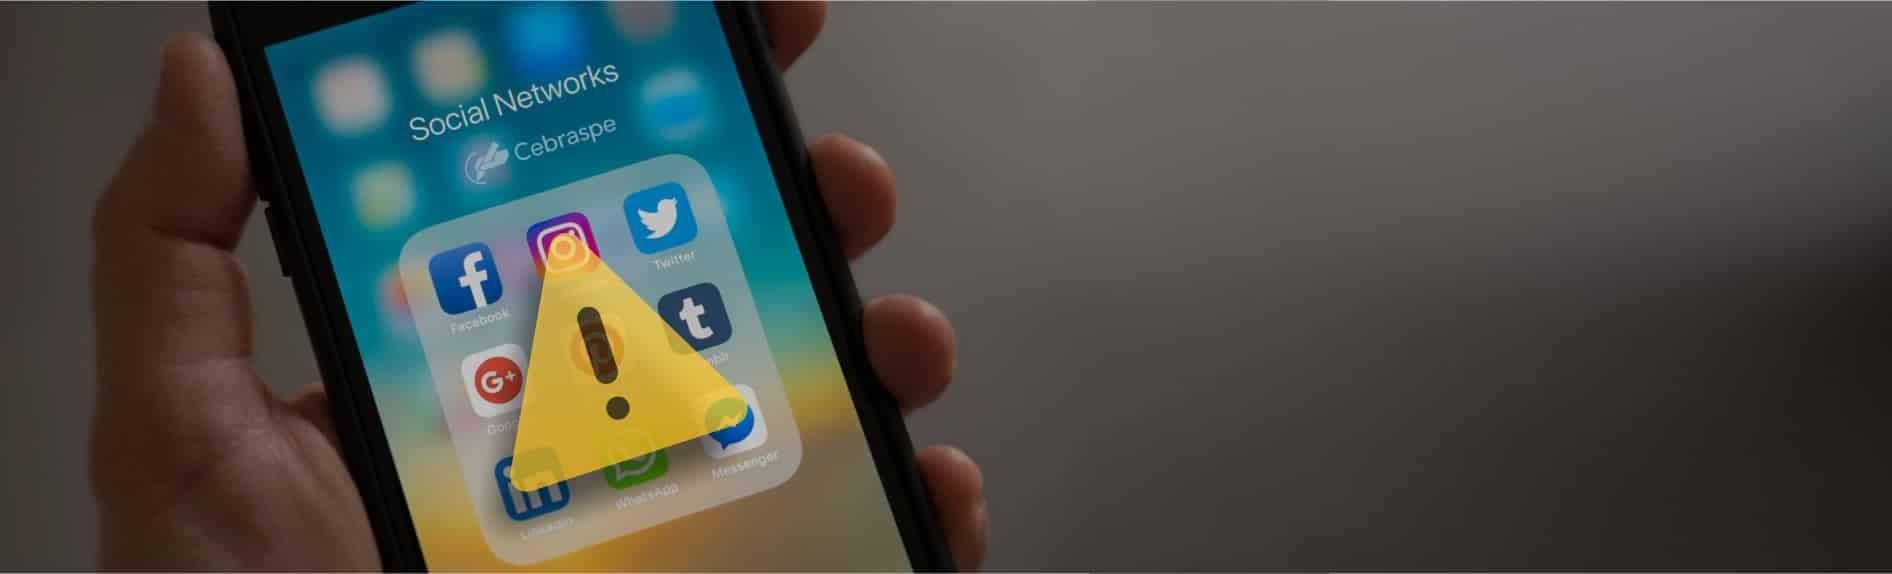 <div>Cebraspe alerta sobre perfis</div><div>falsos em redes sociais</div>